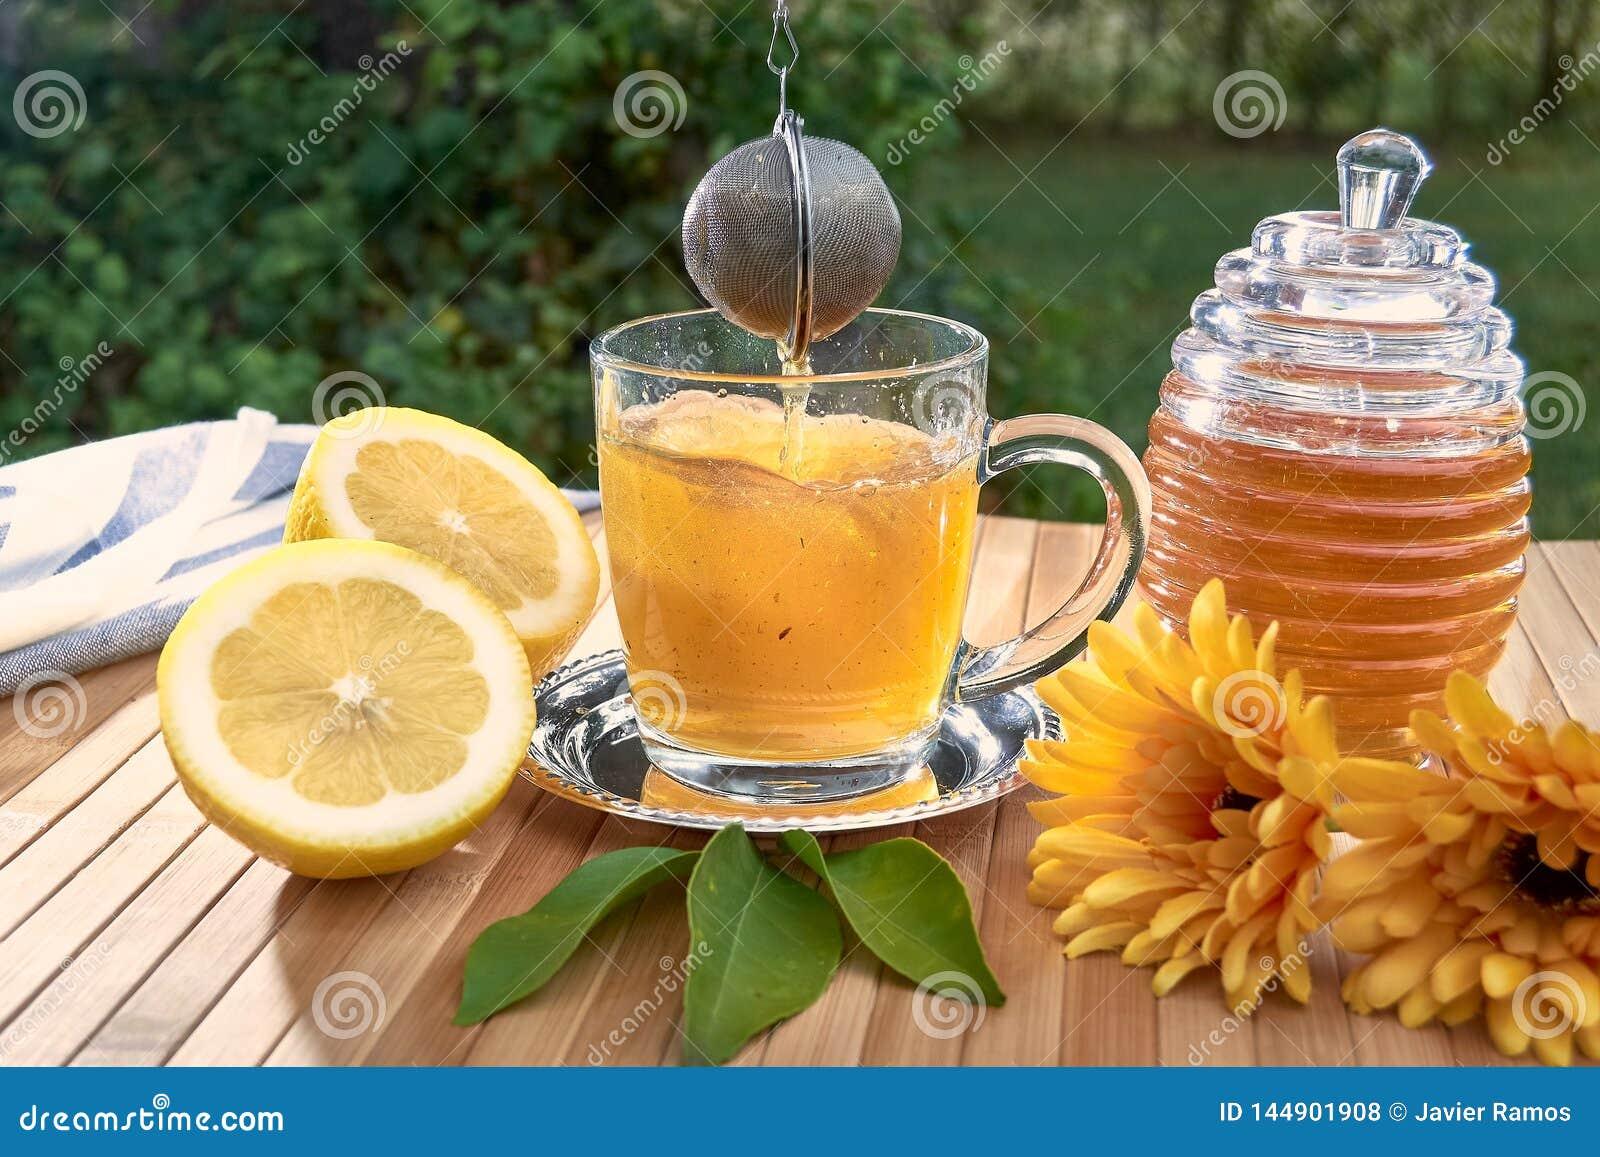 Herbaty filtrowa piłka spada w szkło gorąca woda